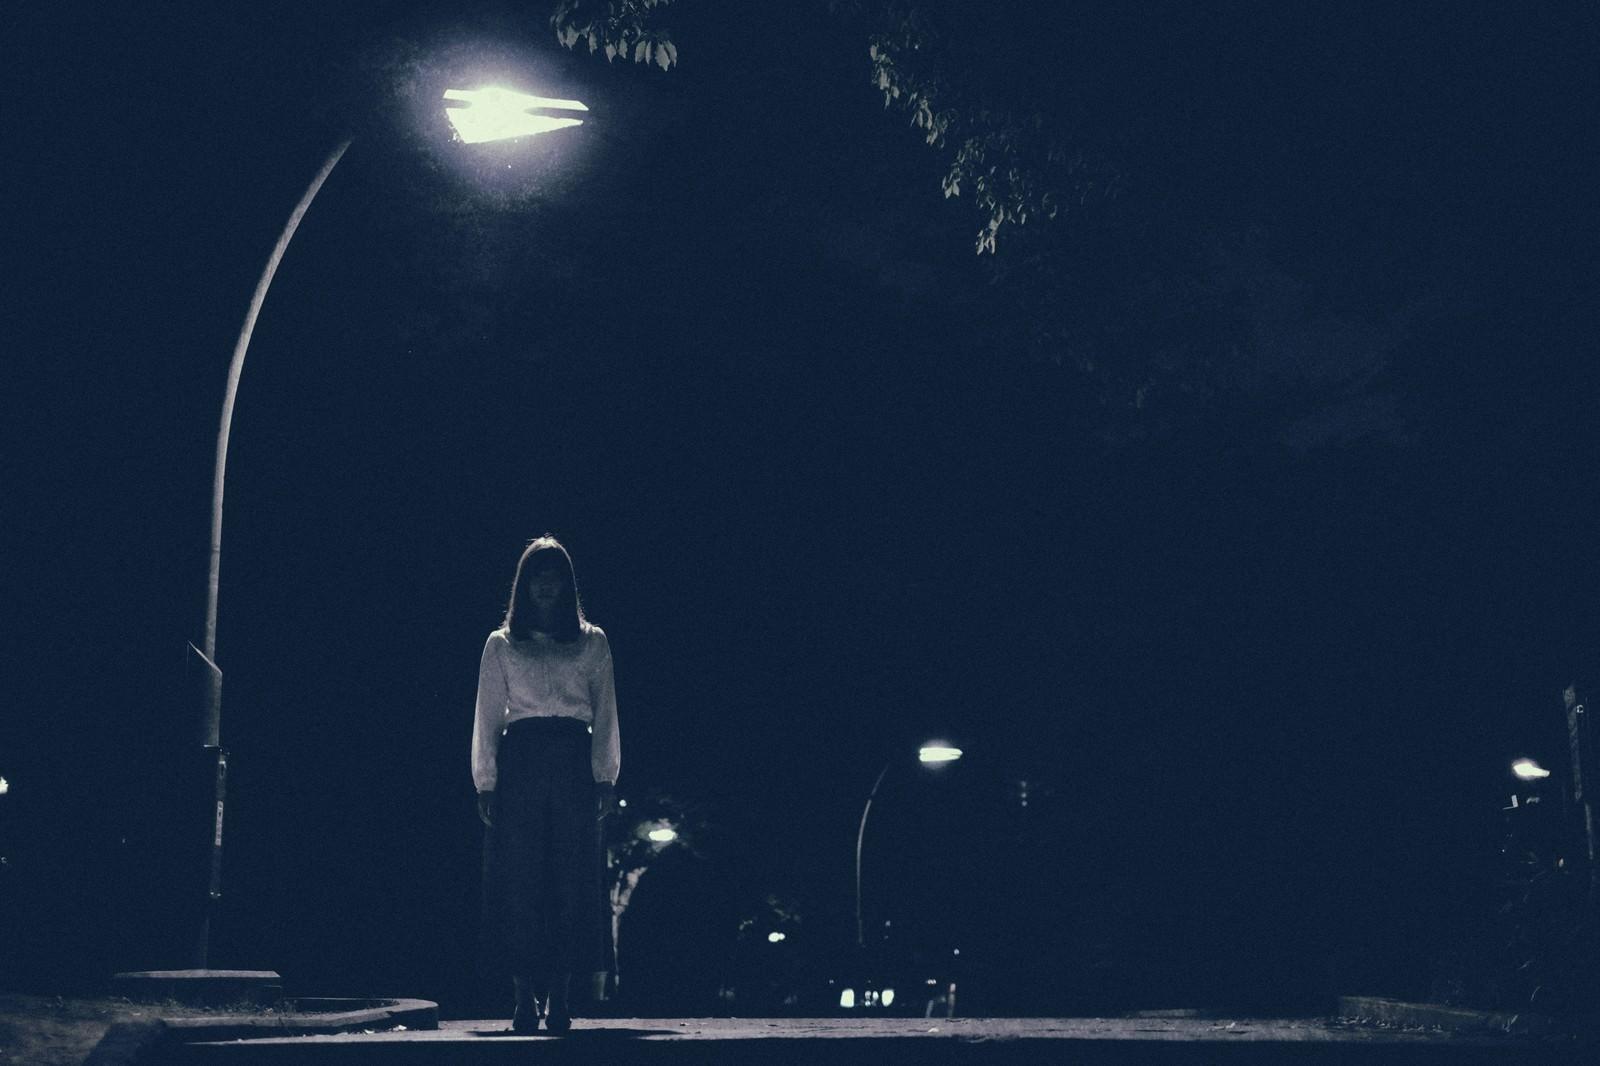 「街灯の下からこちらを見つめる女性」の写真[モデル:さとうゆい]